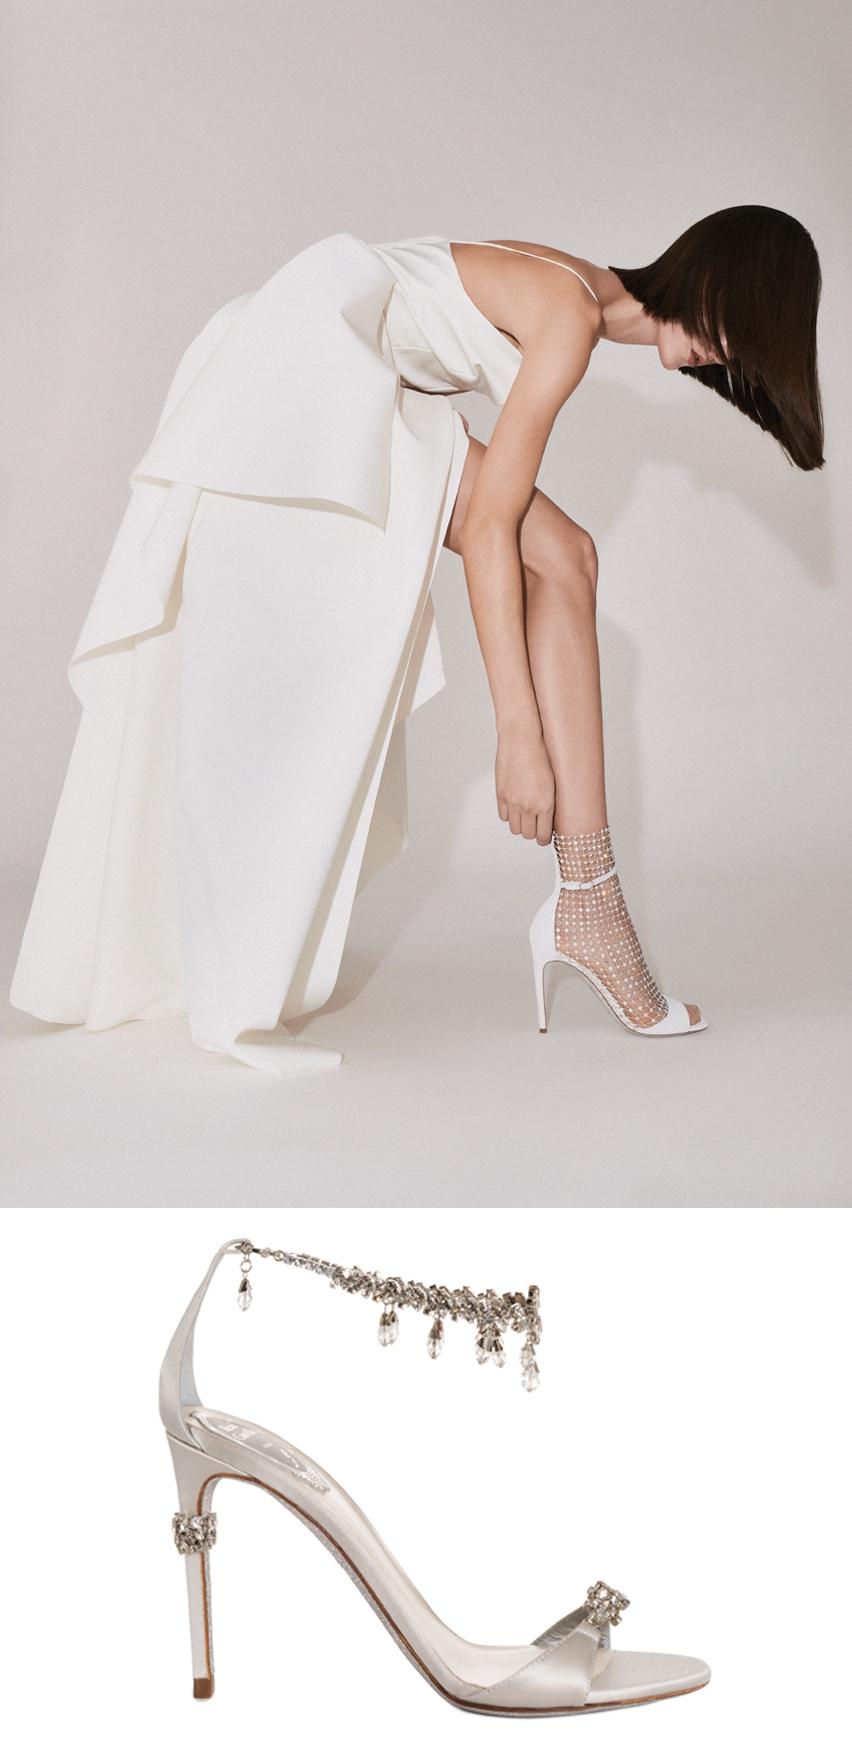 René Caovilla's 2020 bridal collection includes sandals, décolletés and sling-backs with luxurious motifs